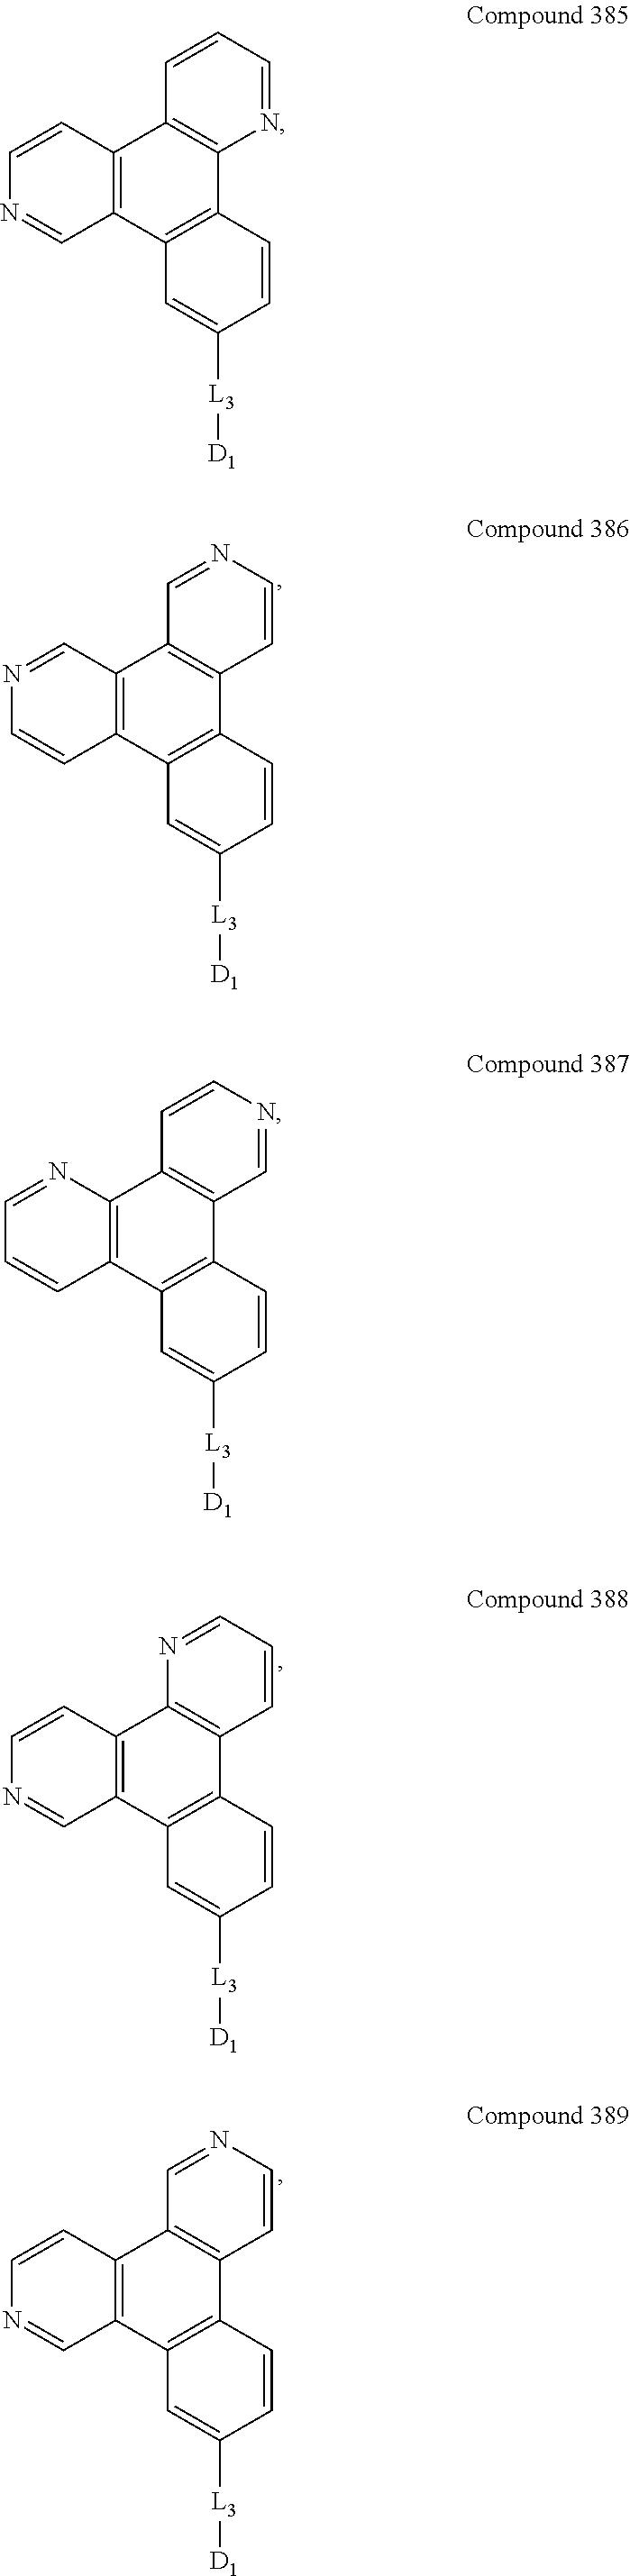 Figure US09537106-20170103-C00551